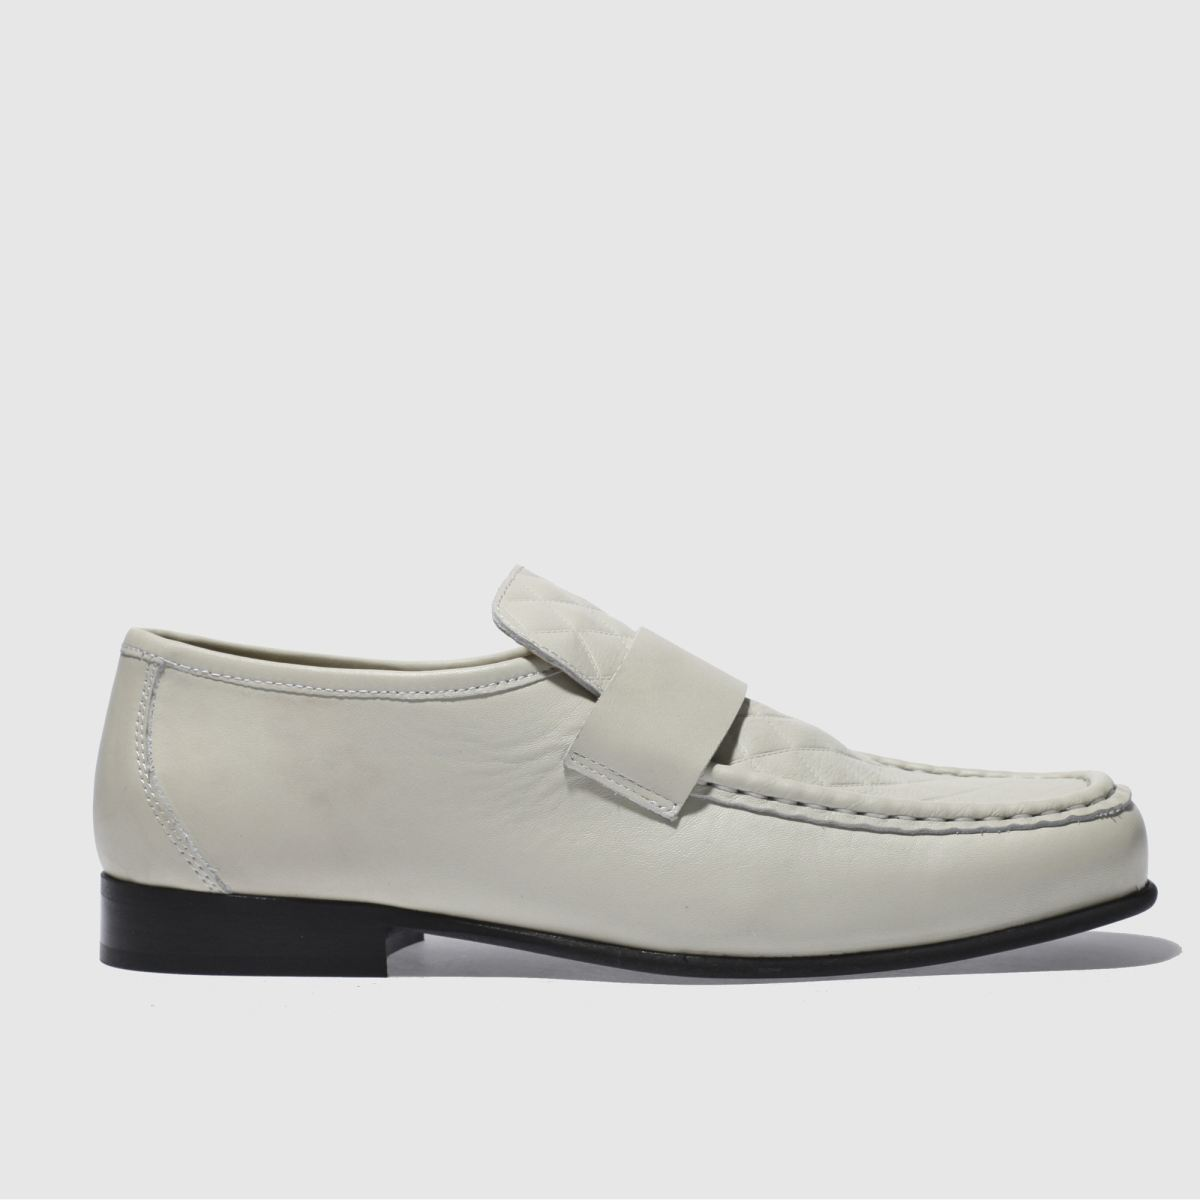 schuh natural argent quilt shoes